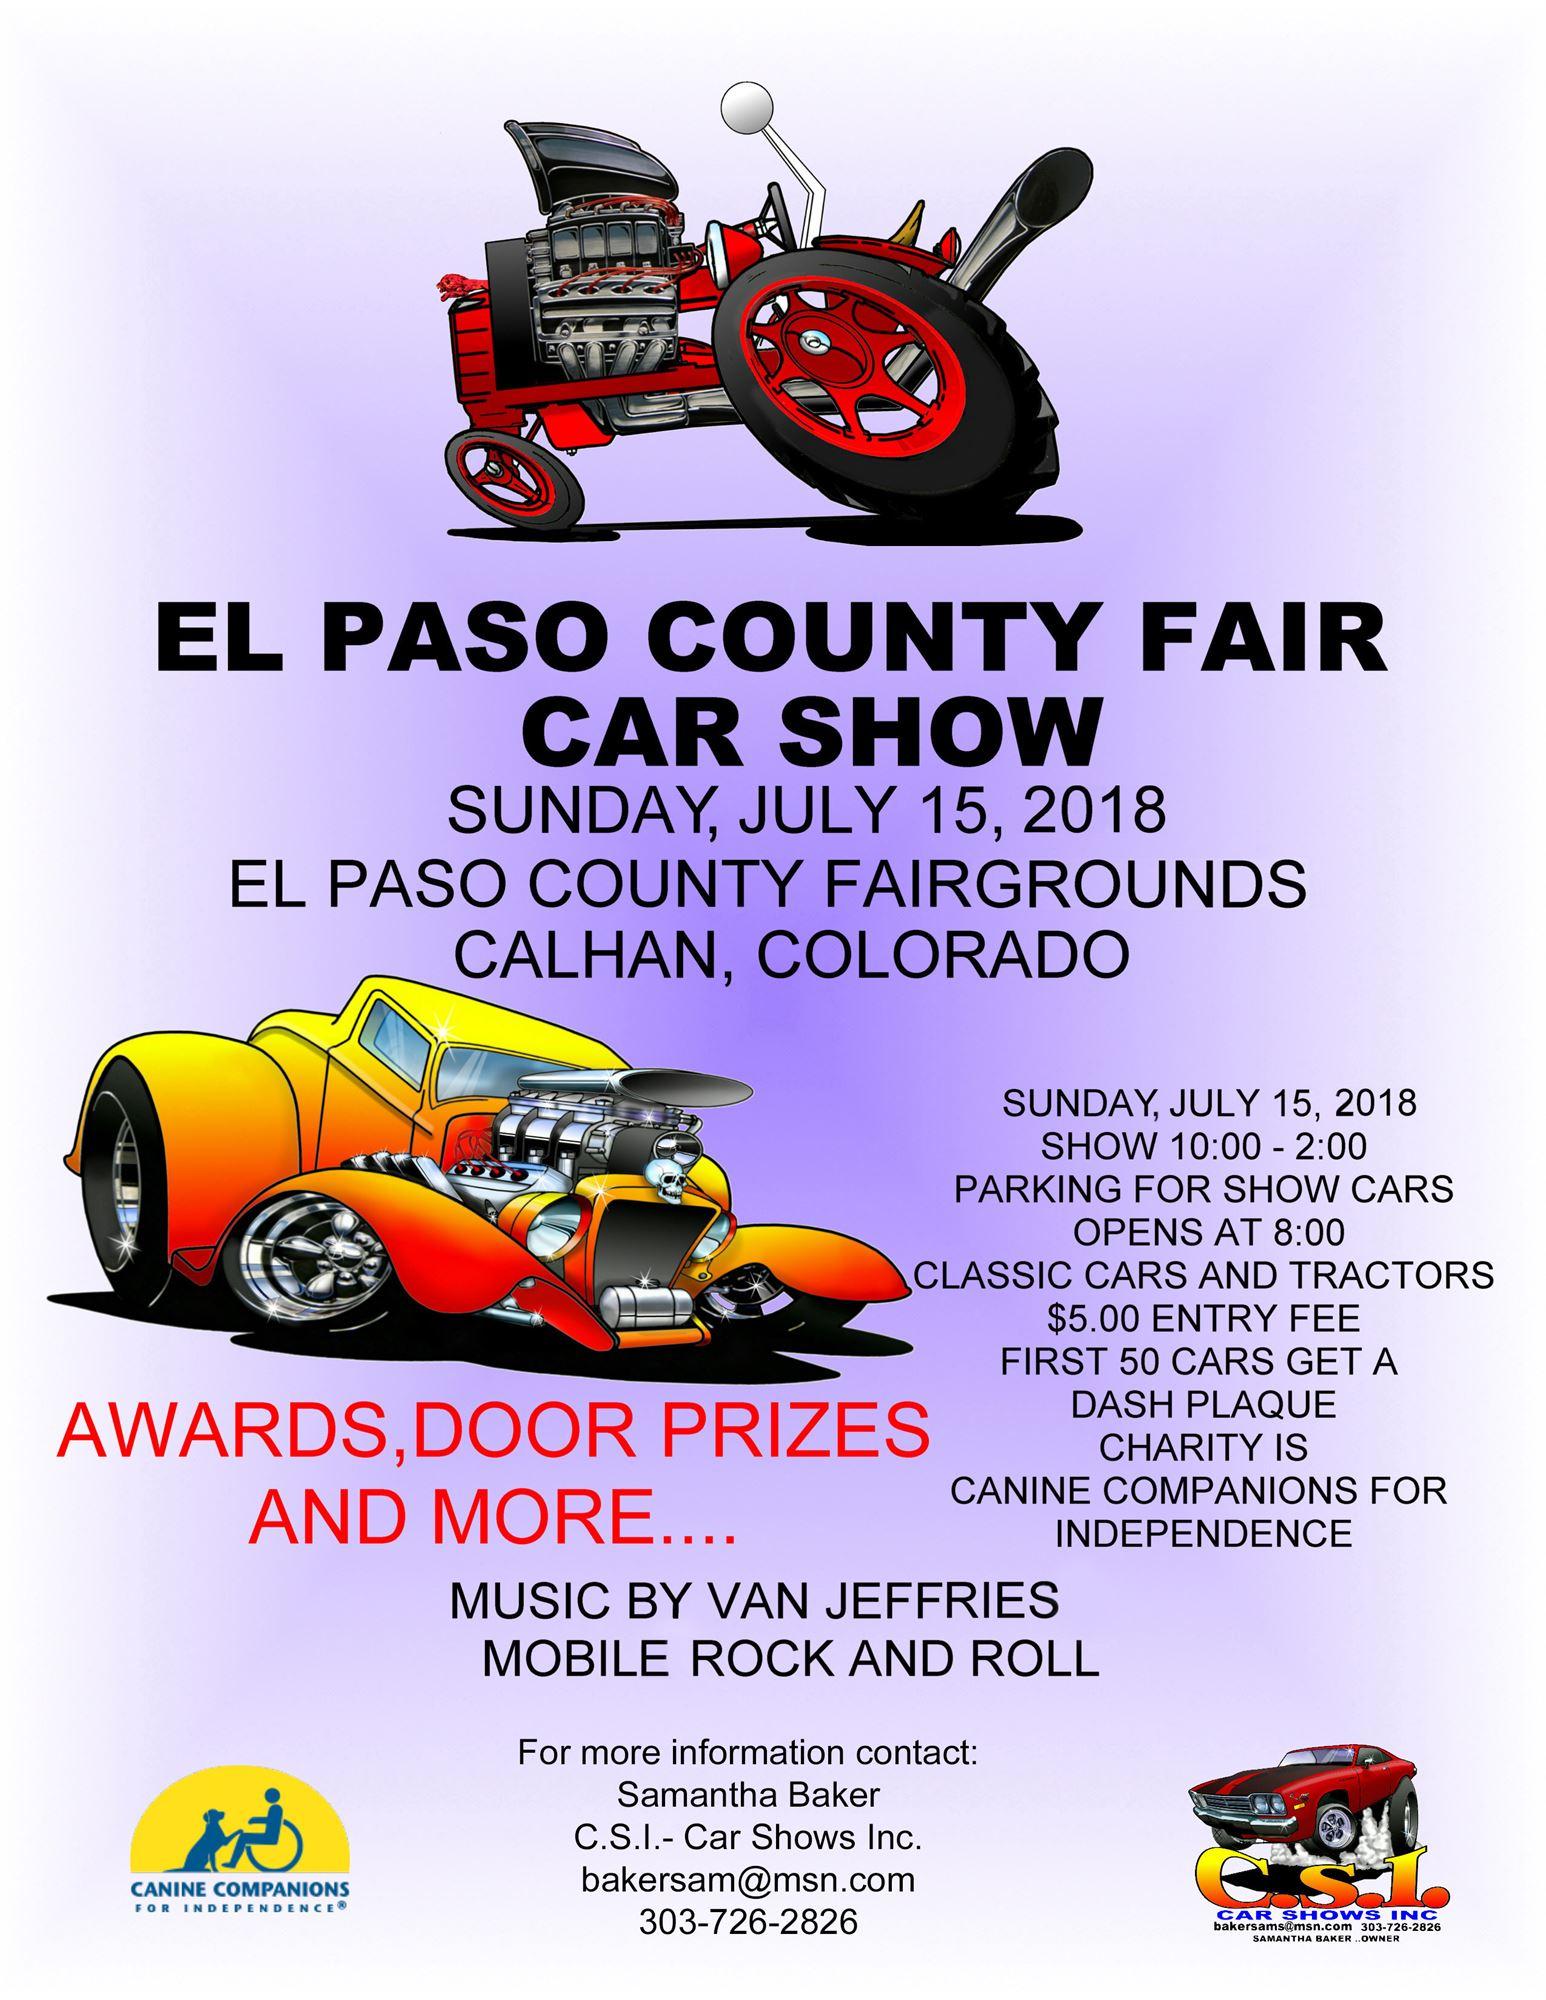 Car Show - Car show com